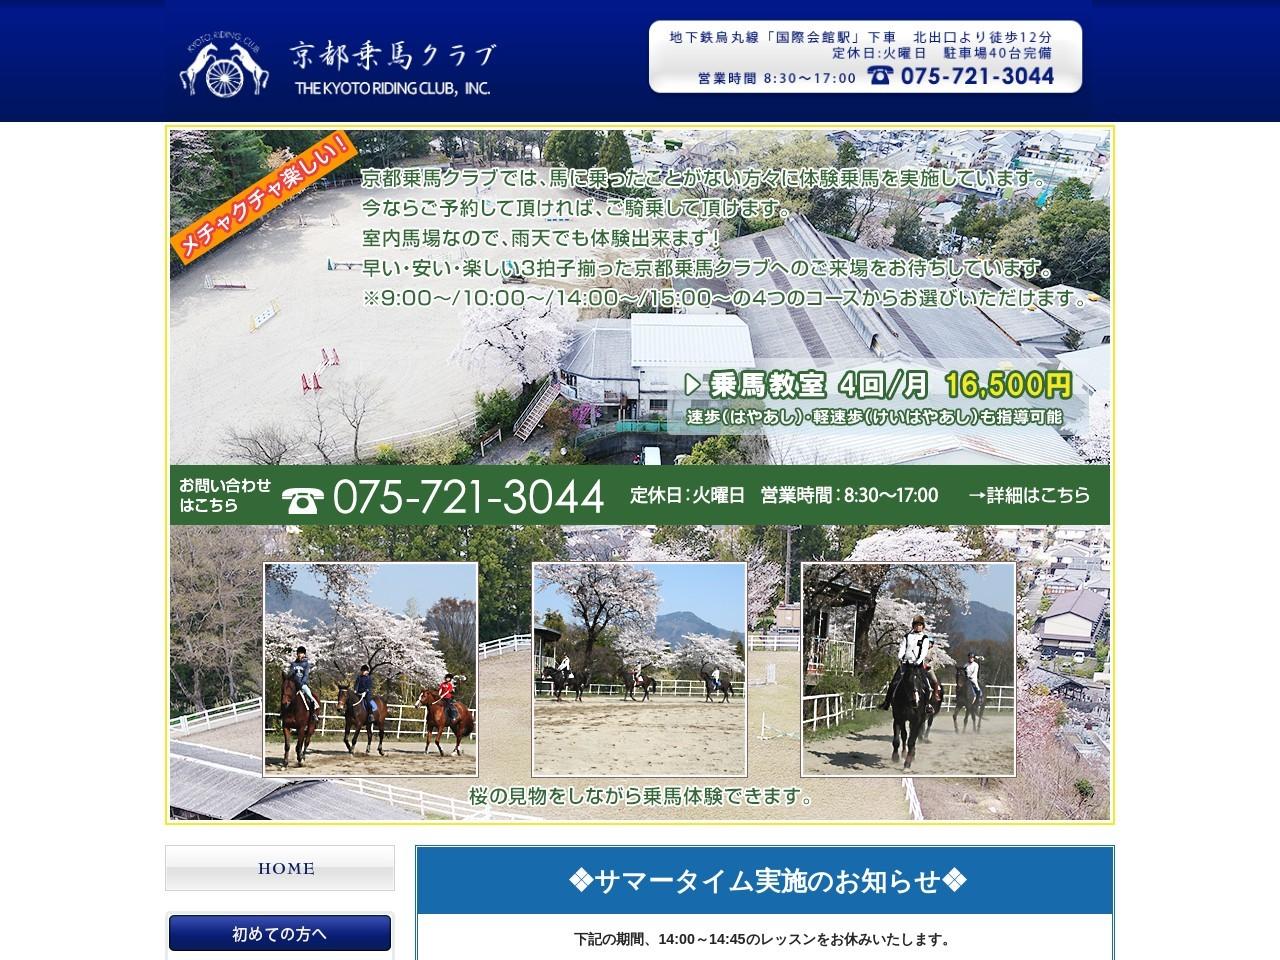 京都乗馬クラブ